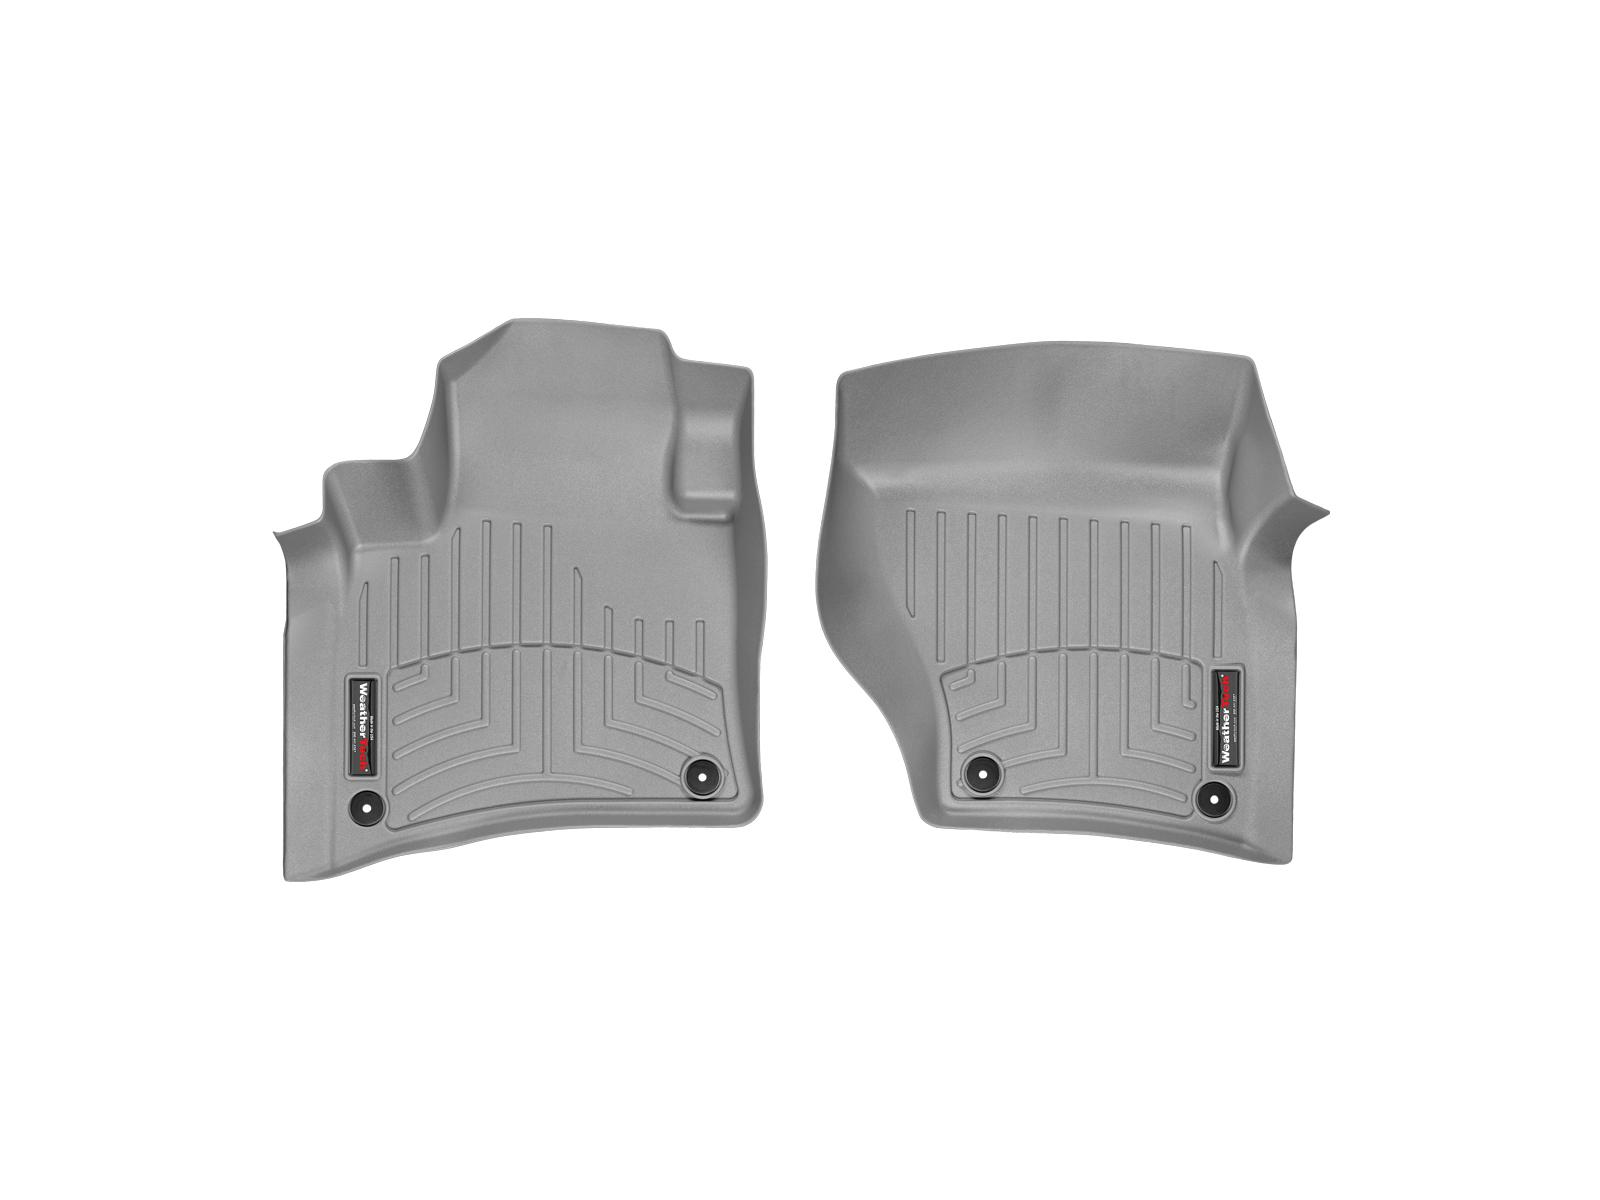 Tappeti gomma su misura bordo alto Porsche® Cayenne® 10>10 Grigio A3127